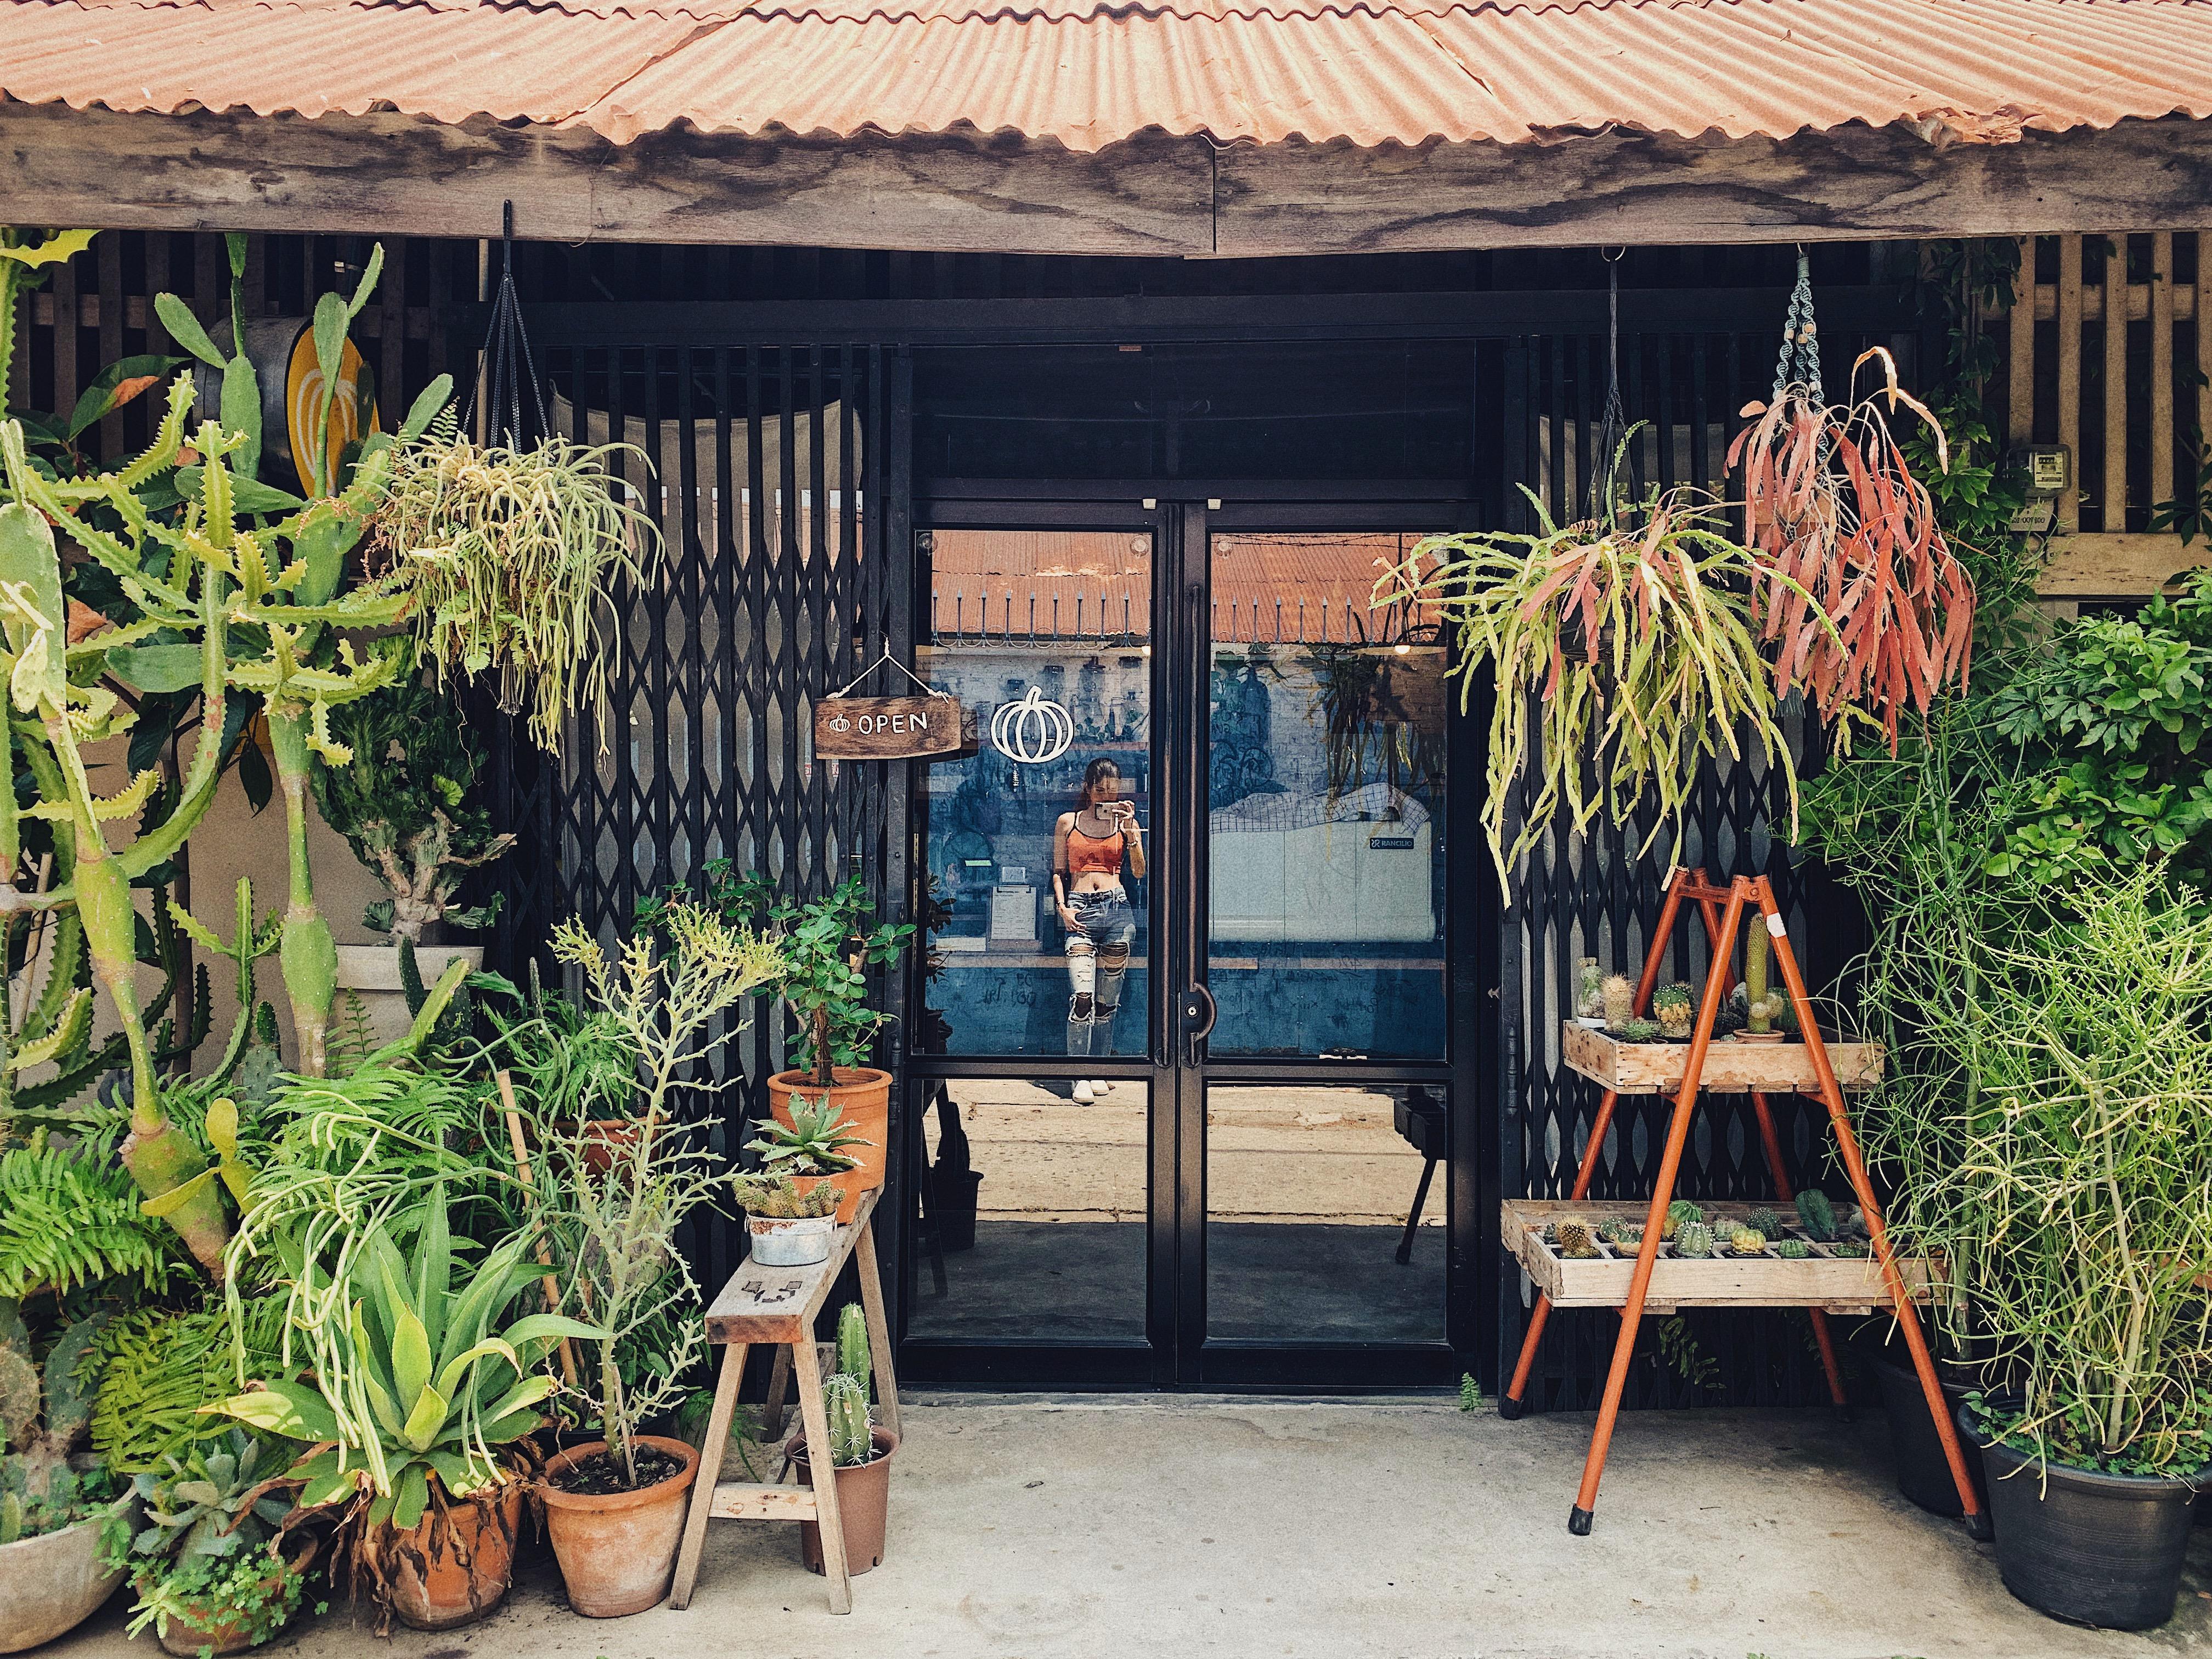 ร้านกาแฟ ร้านกาแฟสวยๆ คาเฟ่ โคราช ร้านกาแฟโคราช